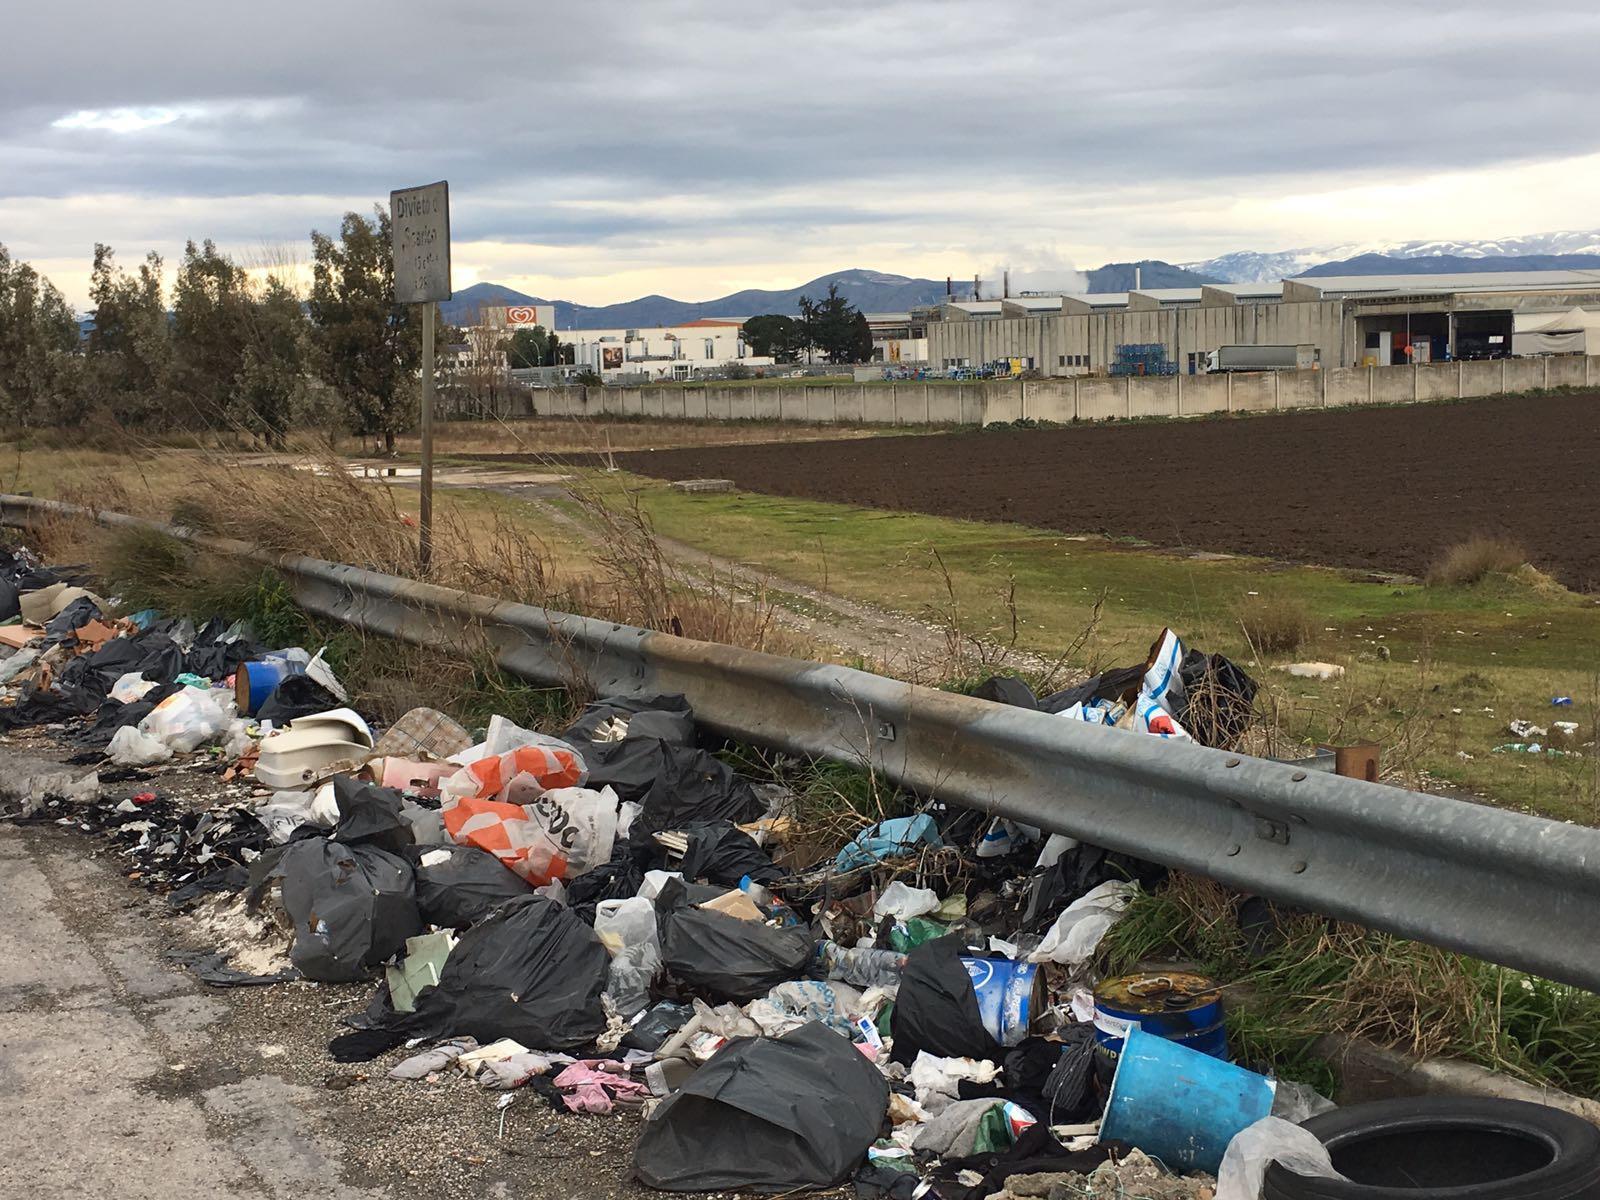 Aziende Monopoli Zona Industriale rifiuti caivano, ora bisogna fronteggiare anche il problema